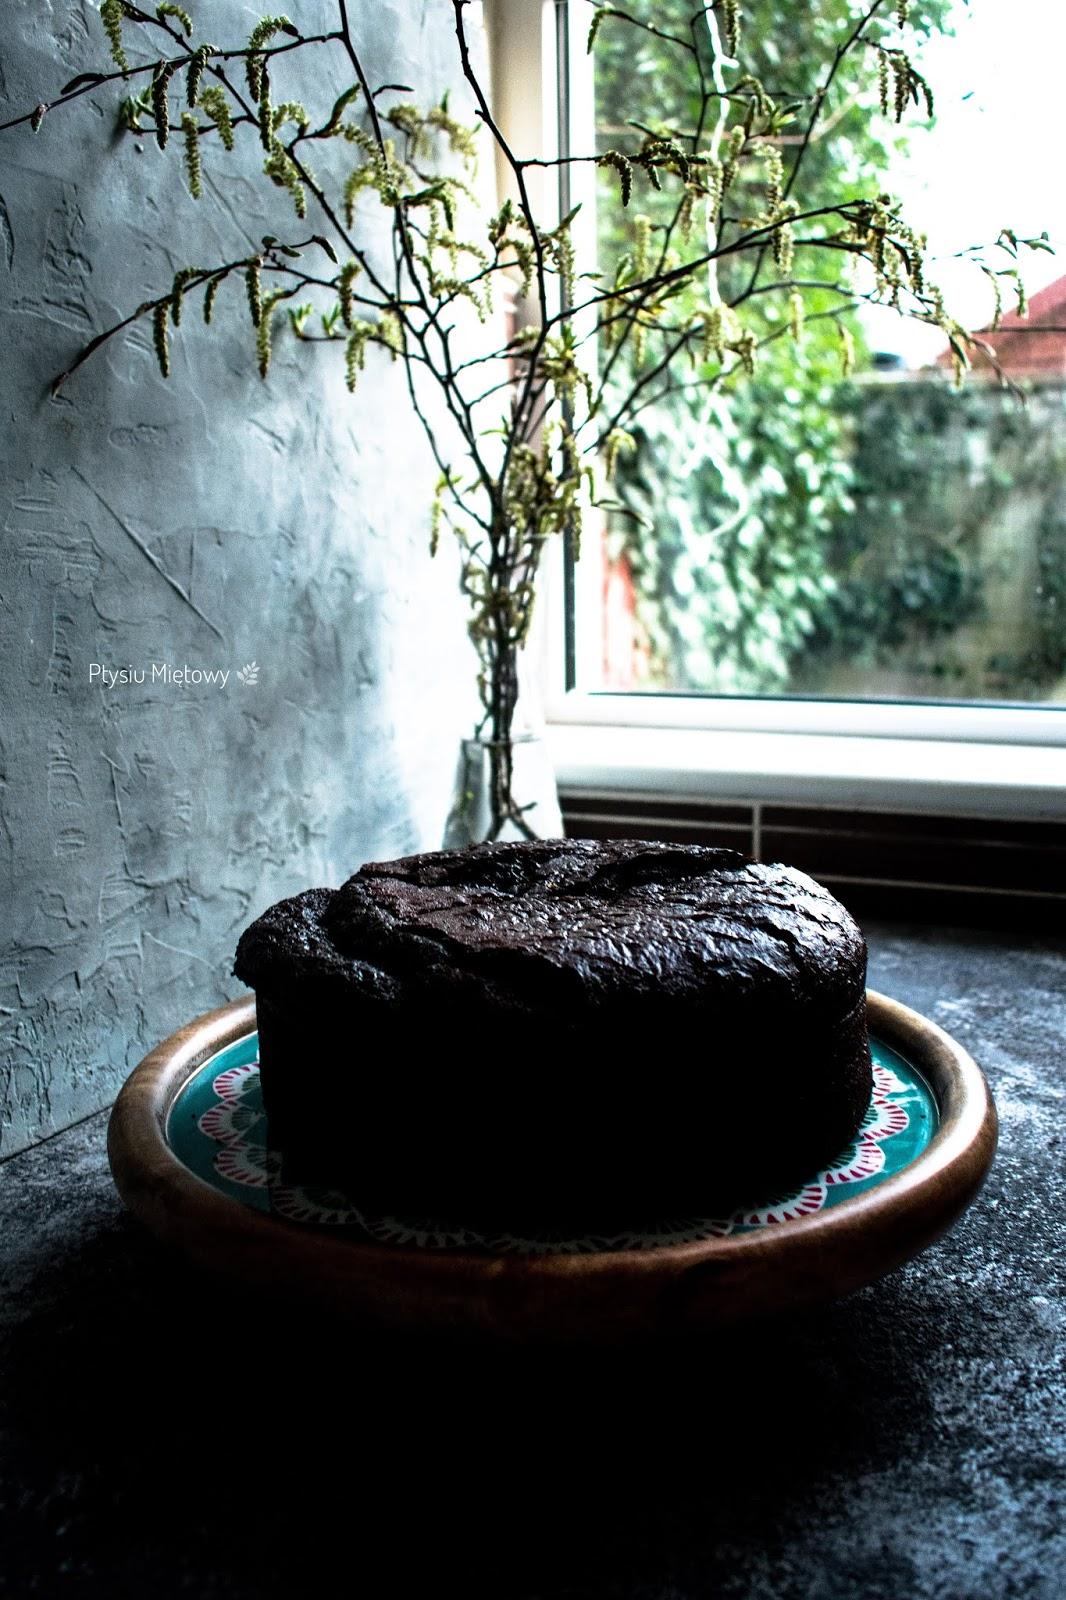 czekolada, ciasto, ptysiu mietowy, sw patryk, guinness